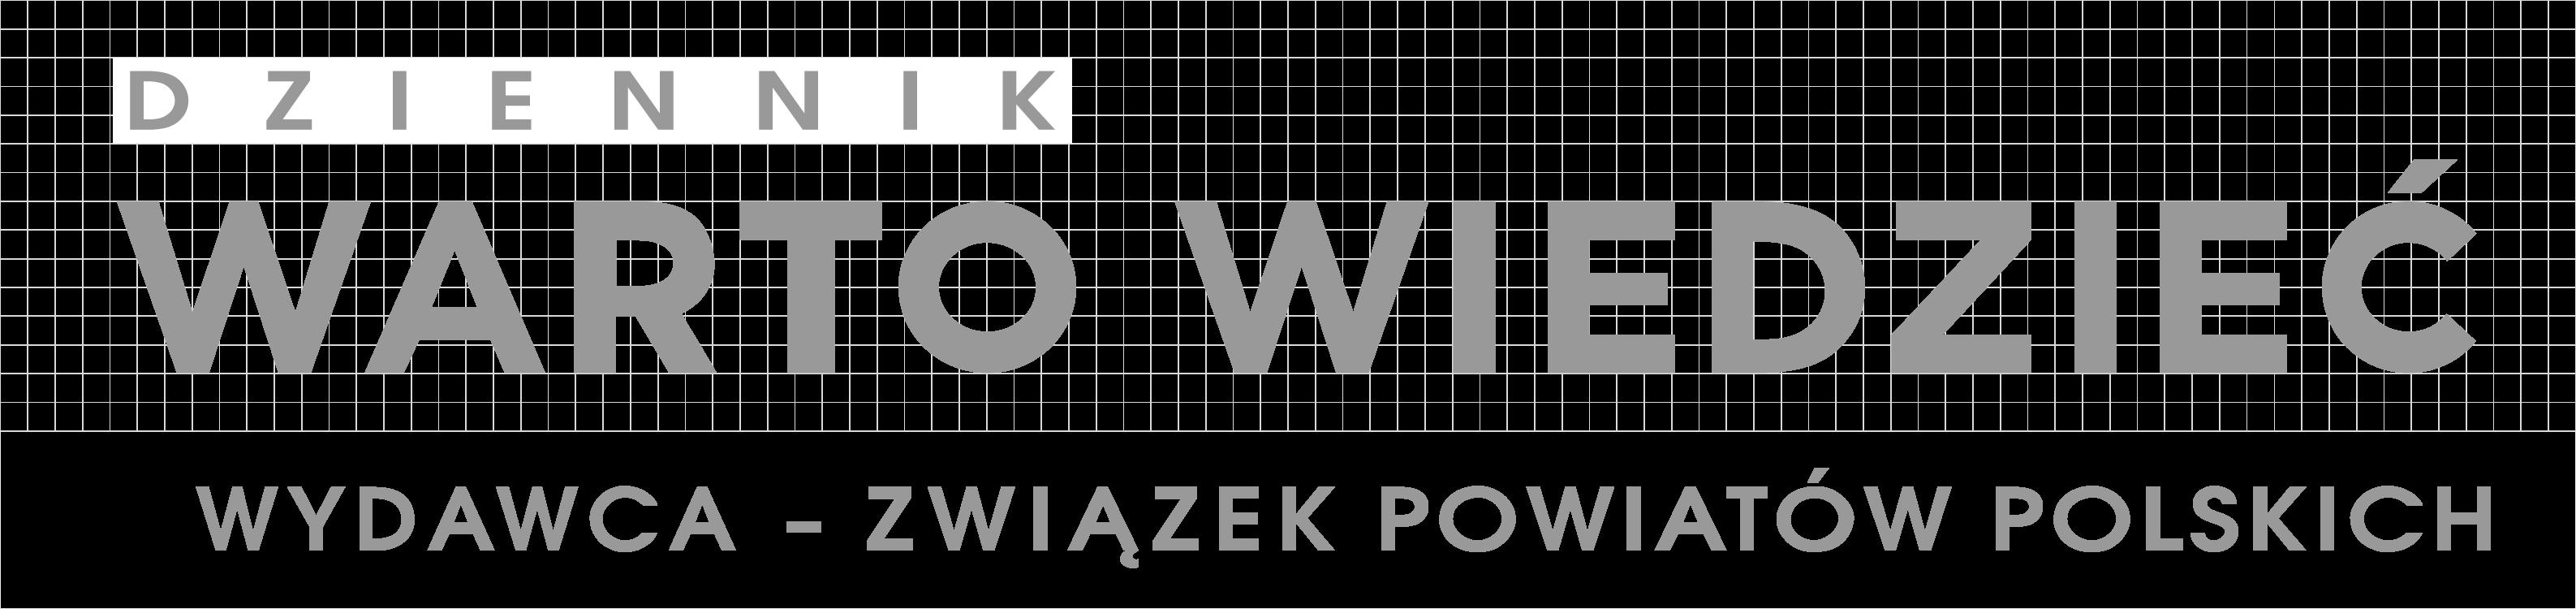 logo dww [Converted]